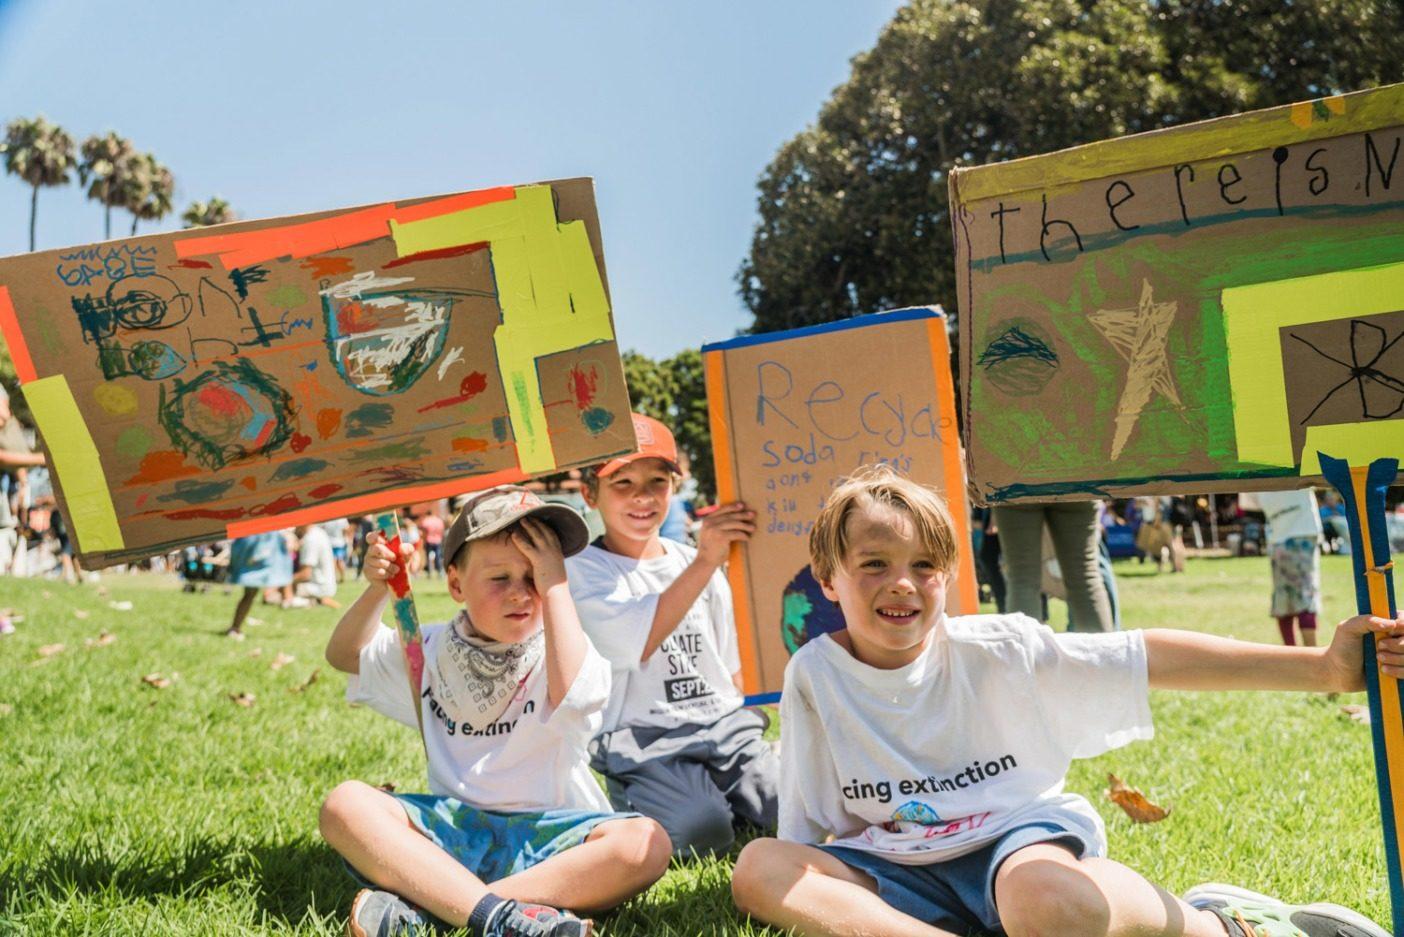 カリフォルニア州ベンチュラの若い抗議者たち。地元の気候ストライキの主催者たちはベンチュラ郡における気候緊急宣言を市議会に要求している。Photo: Colin McCarthy